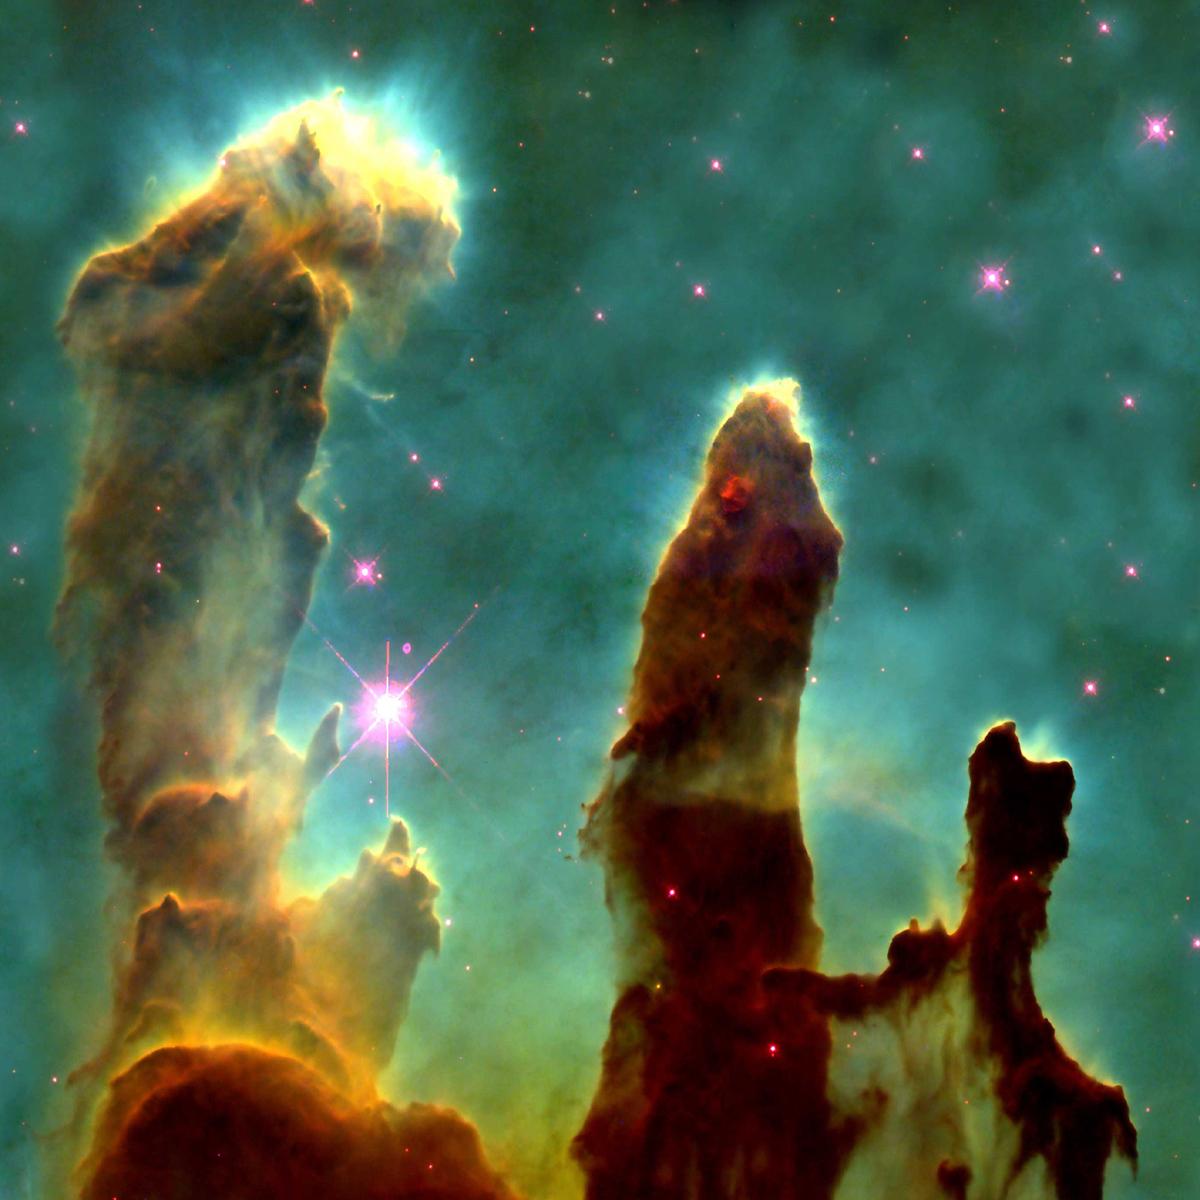 Звёздное небо и космос в картинках - Страница 2 S-6940